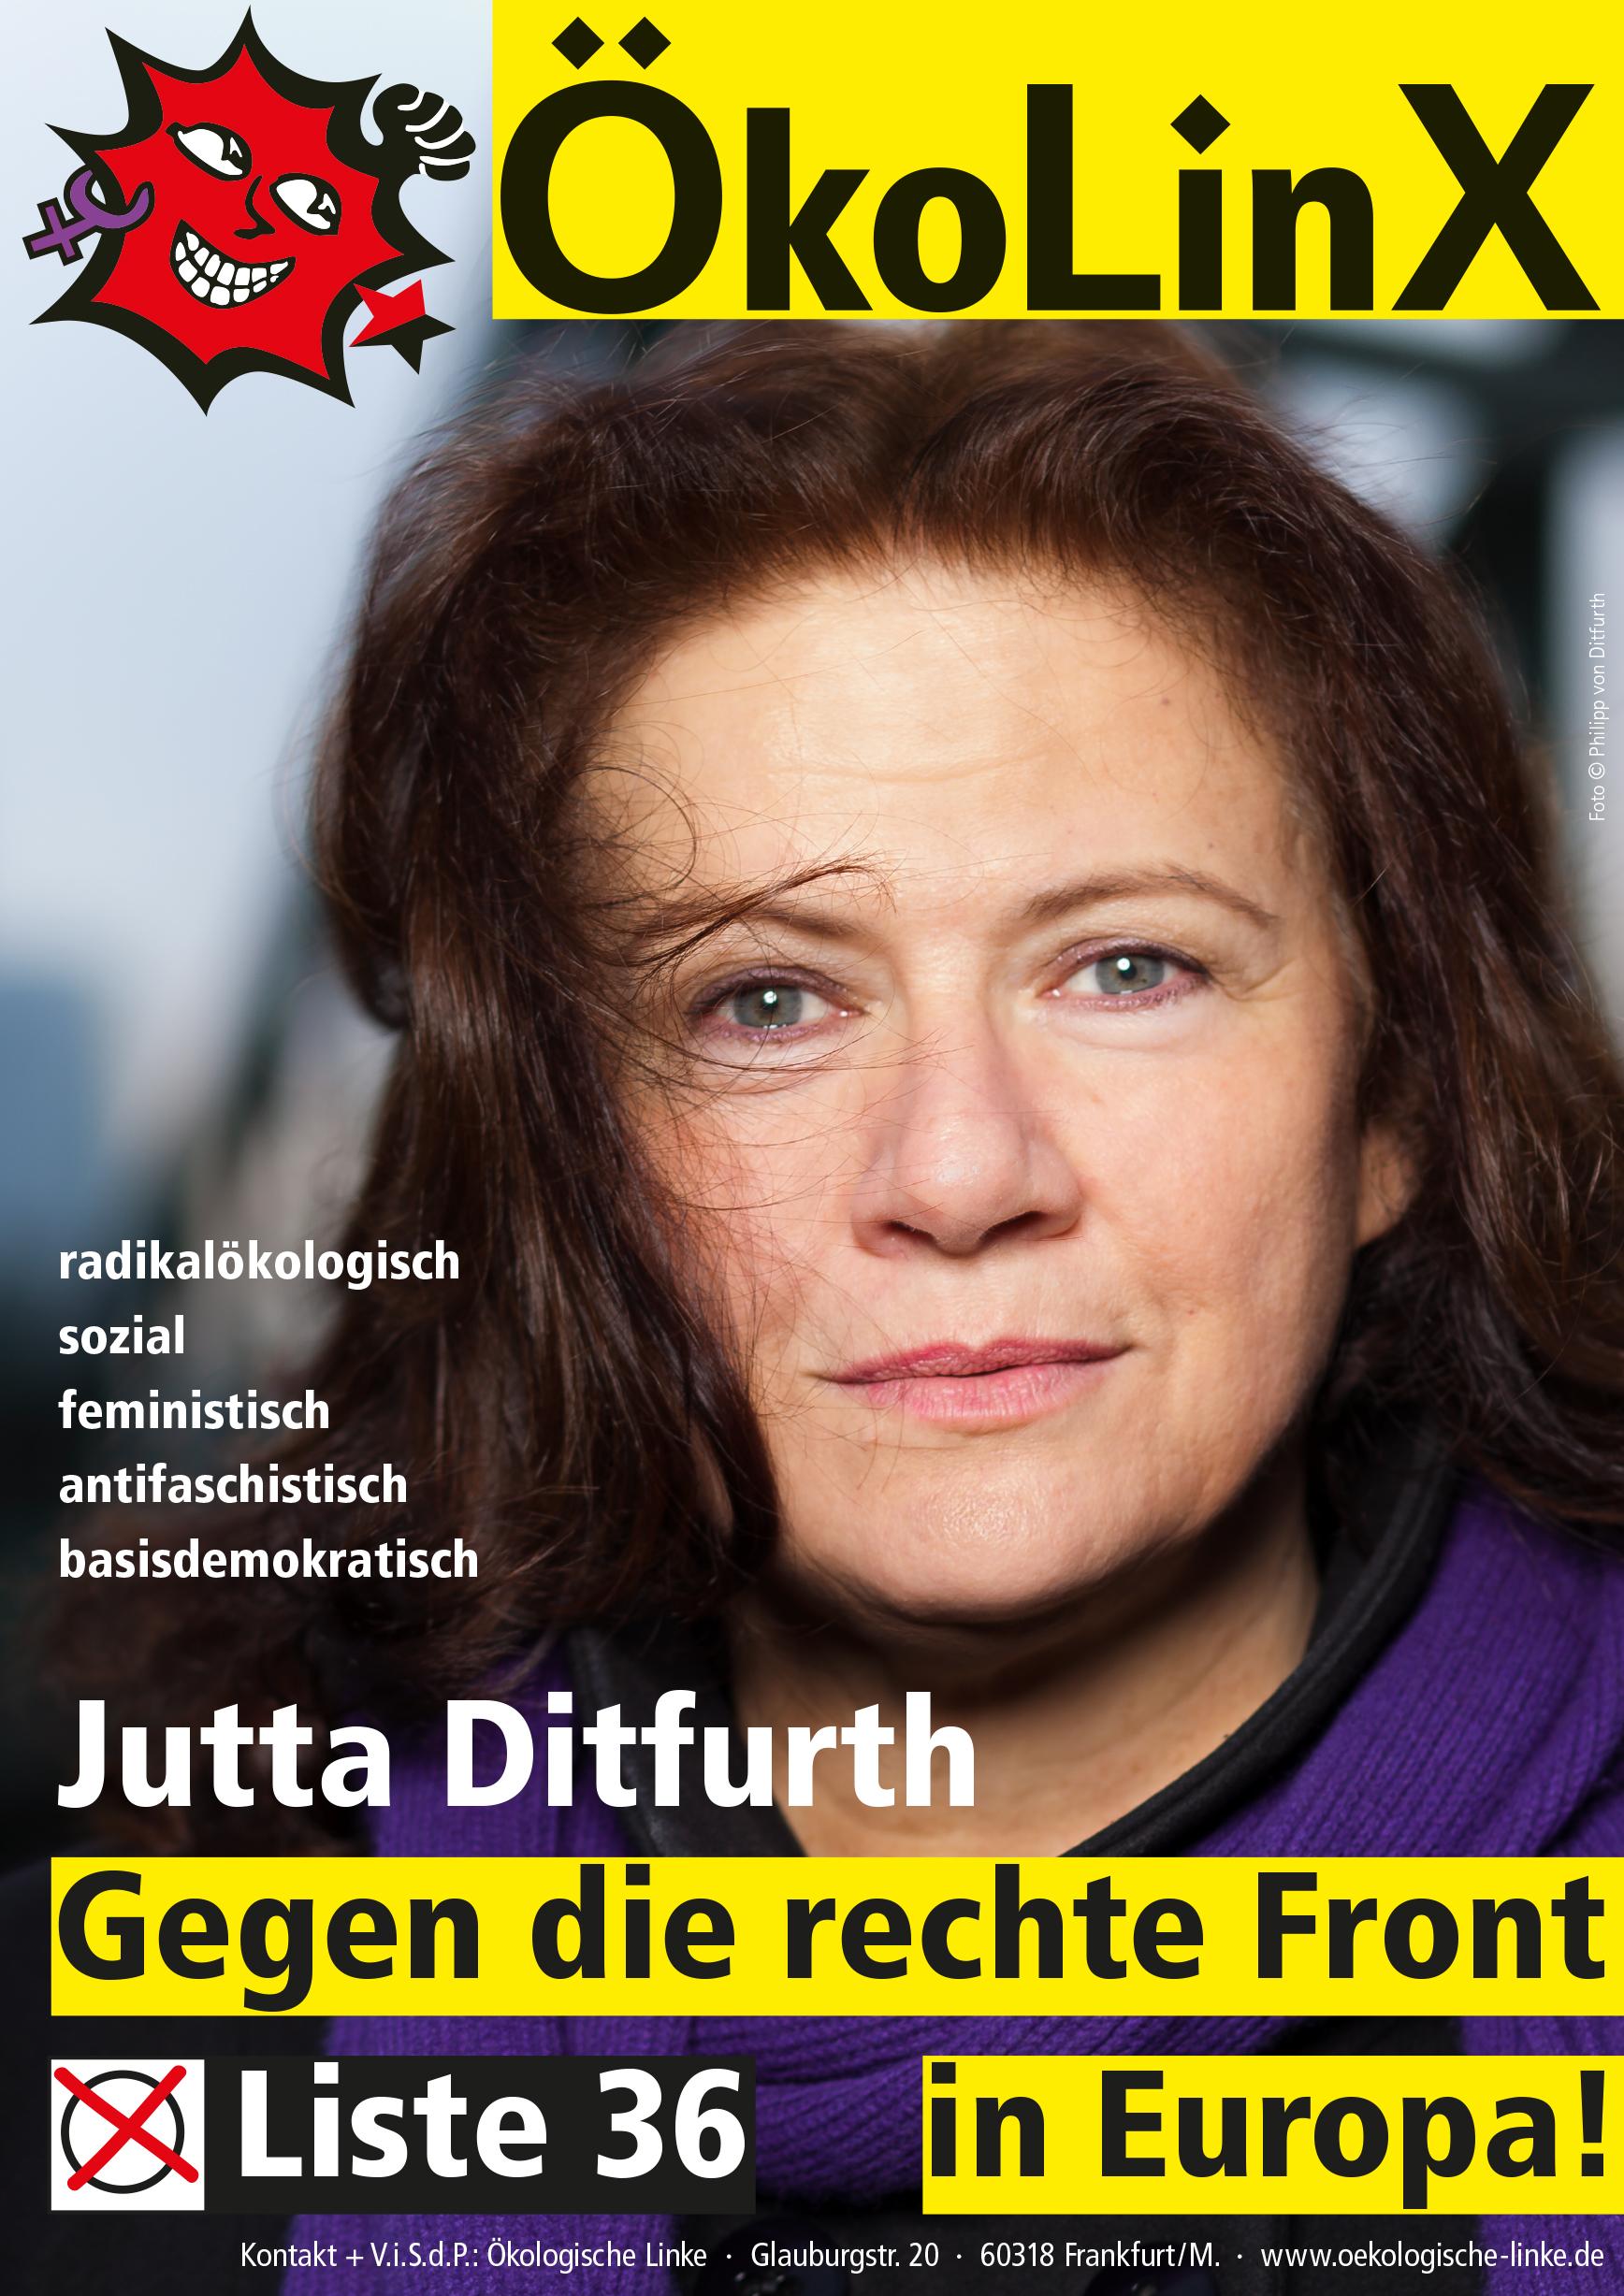 ÖkoLinX Plakat der Liste 36 zur Europawahl am 26. Mai 2019